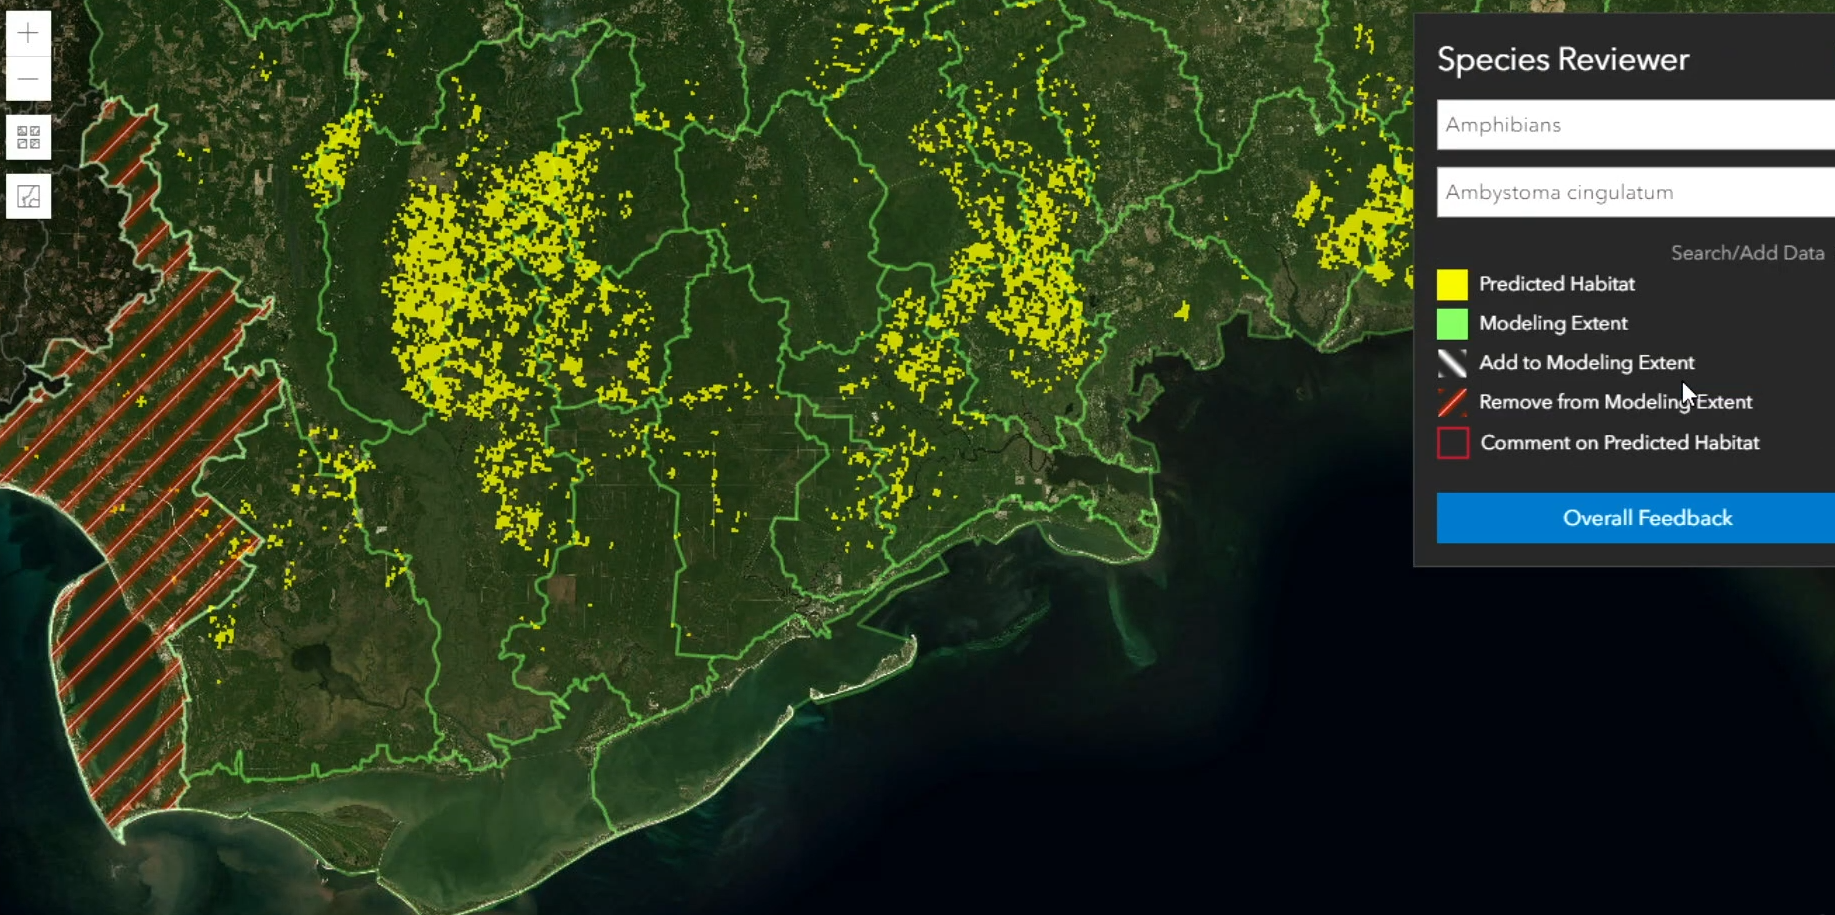 Big Data e AI Convergono in una Mappa per Proteggere la Biodiversità